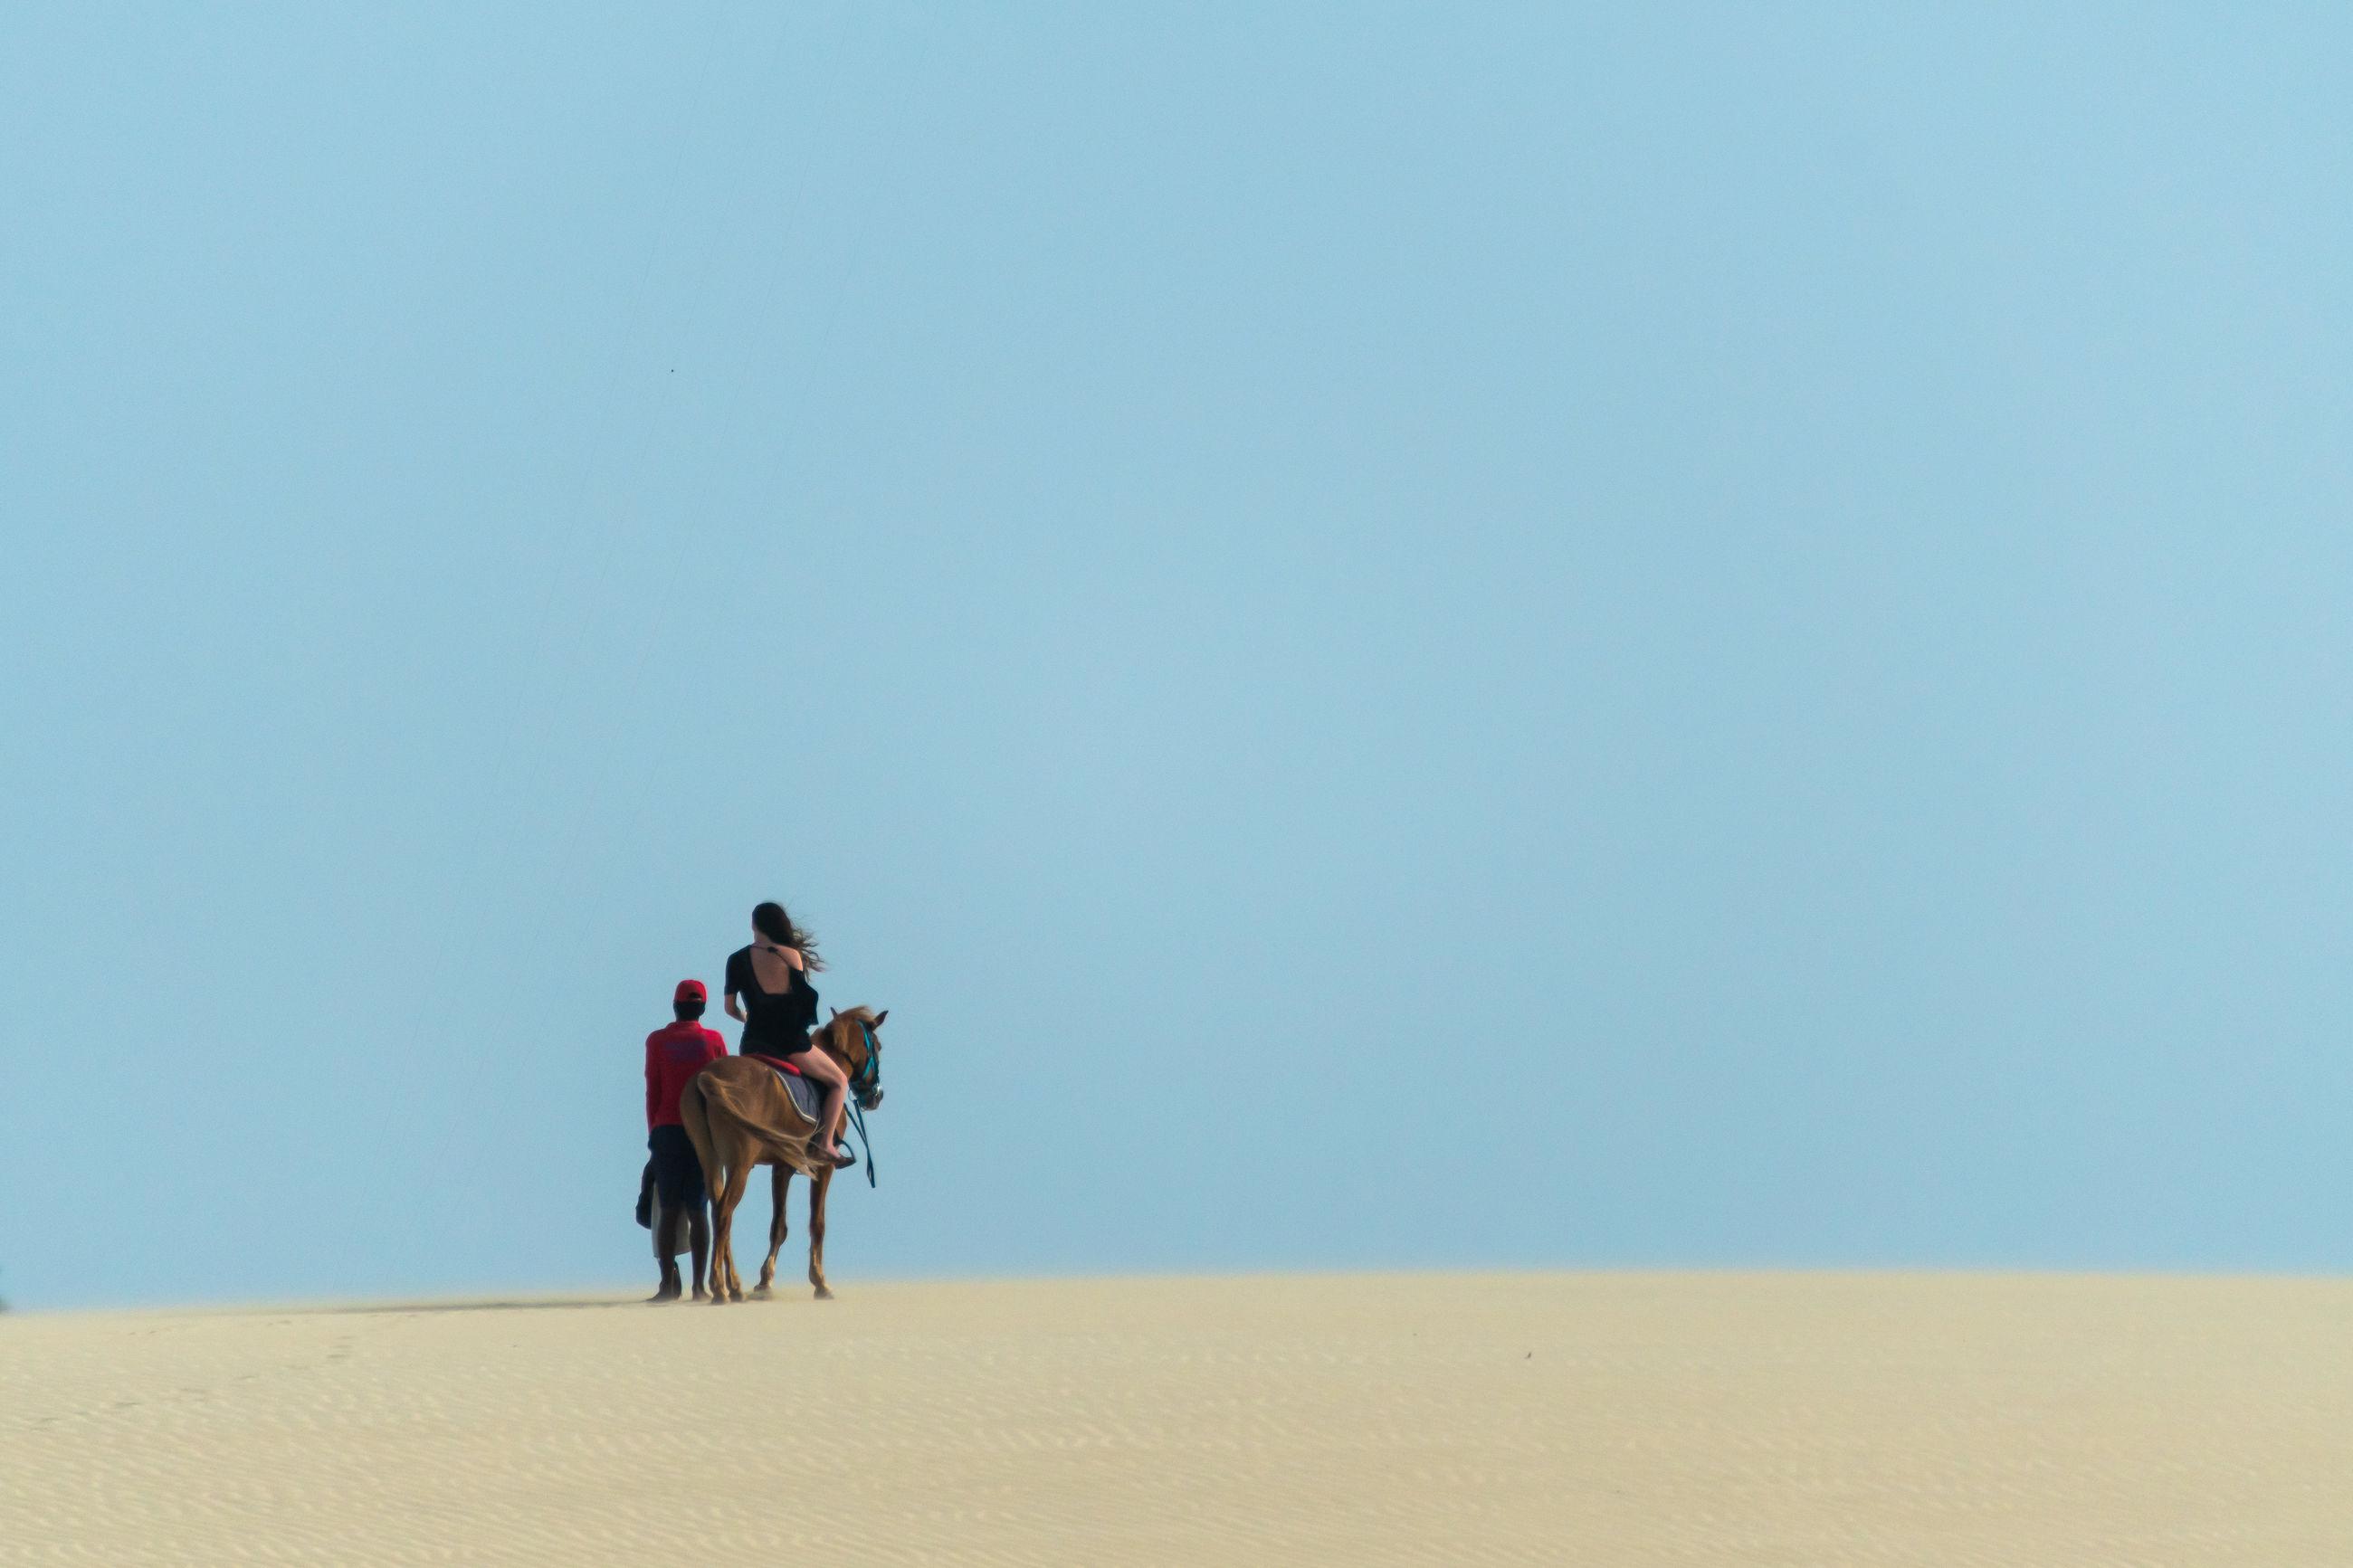 Men riding horse on desert against clear sky